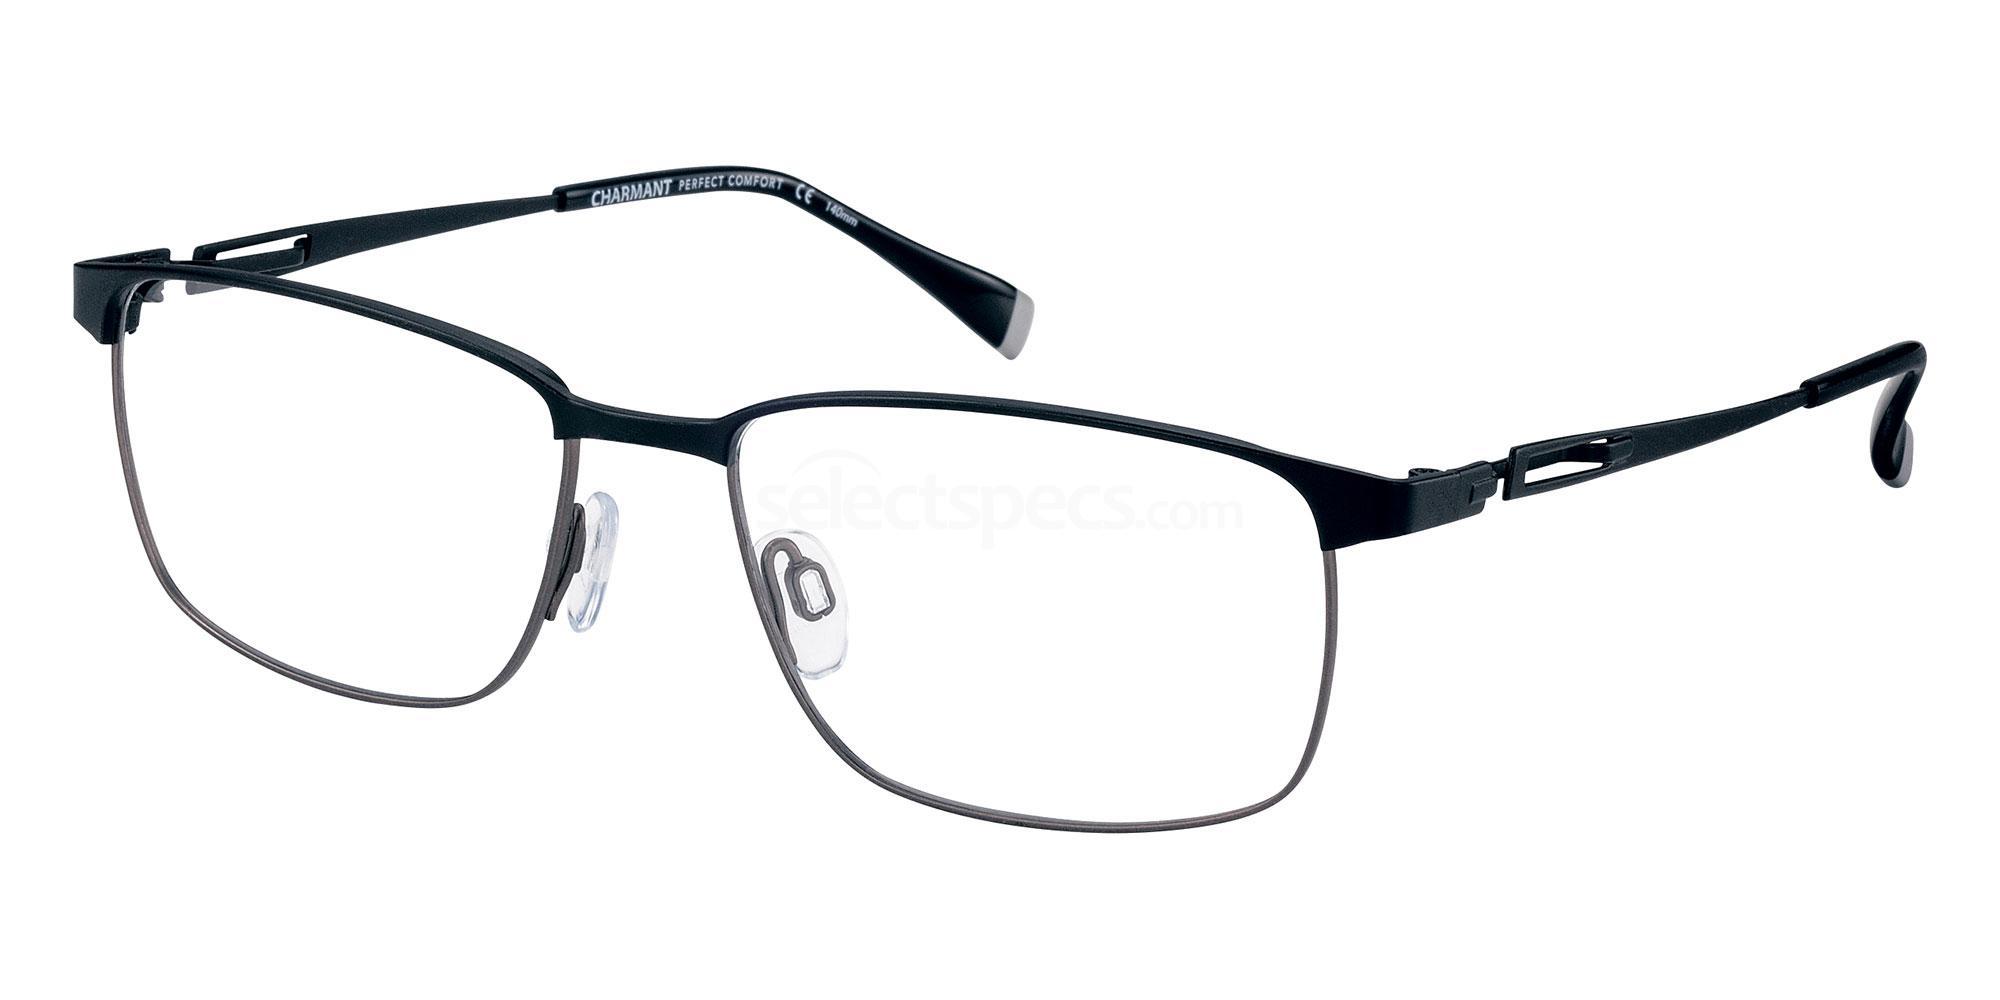 BK CH12327 Glasses, Charmant Perfect Comfort